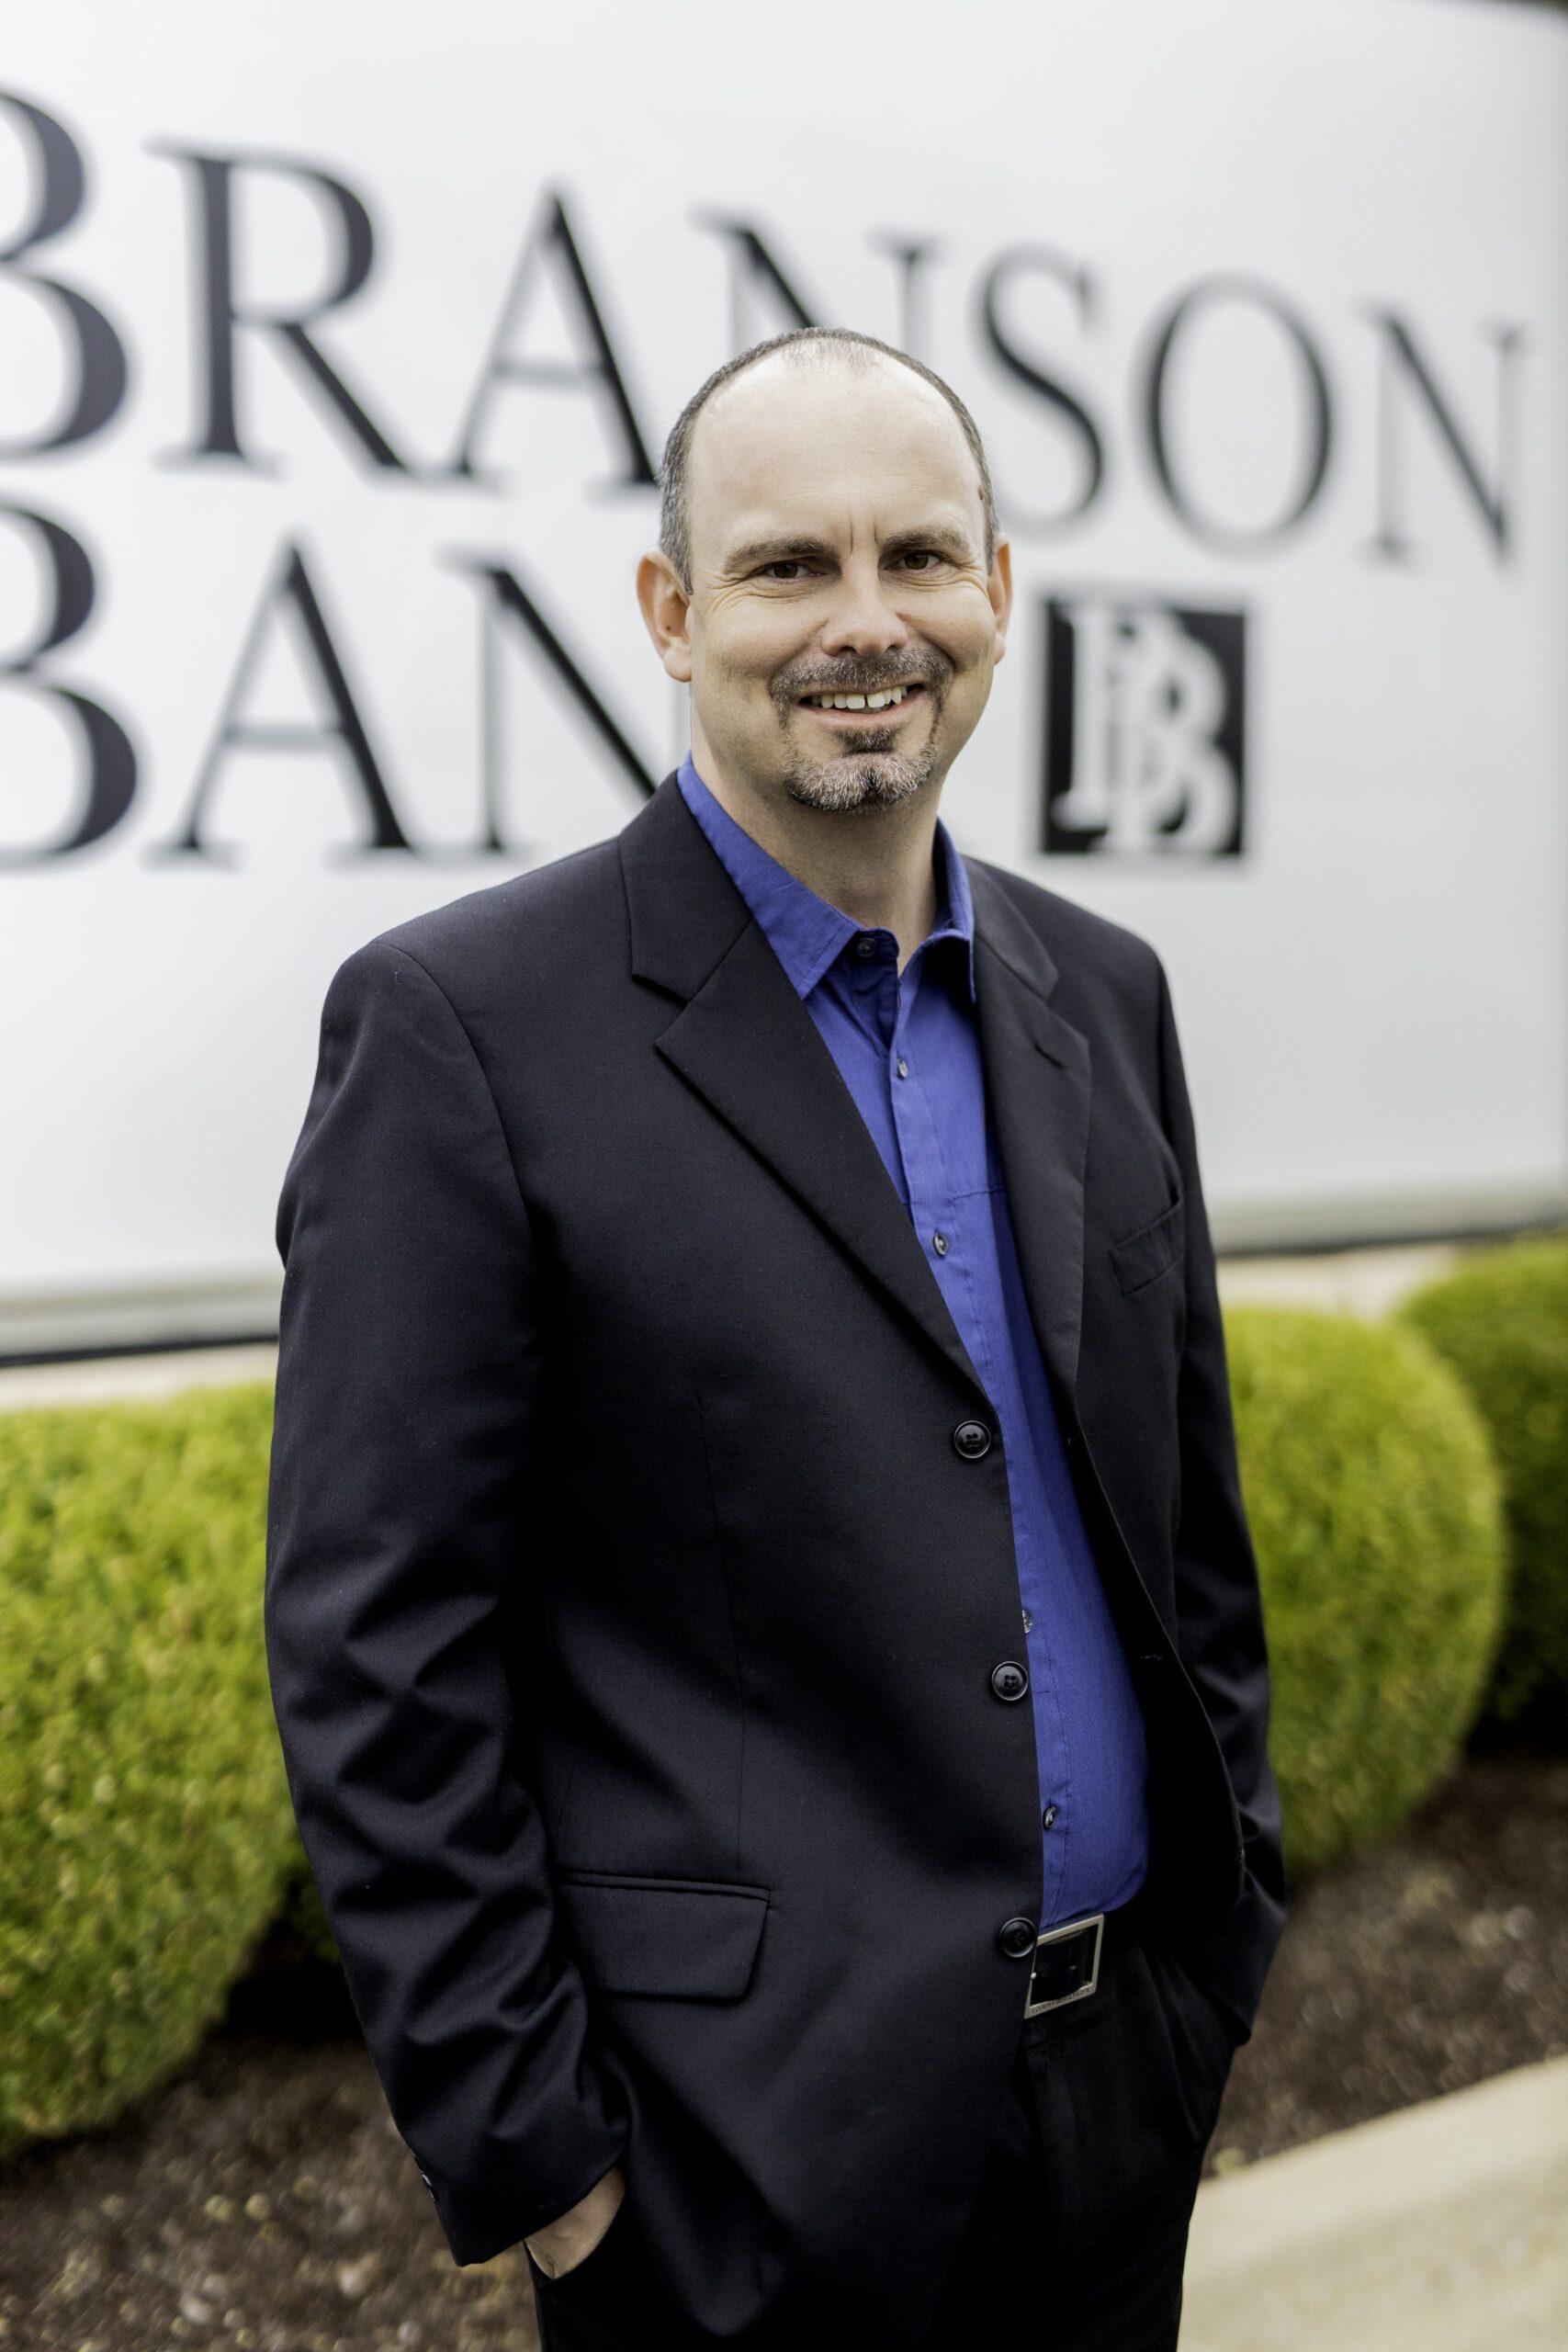 photo of bank employee ryan sanders